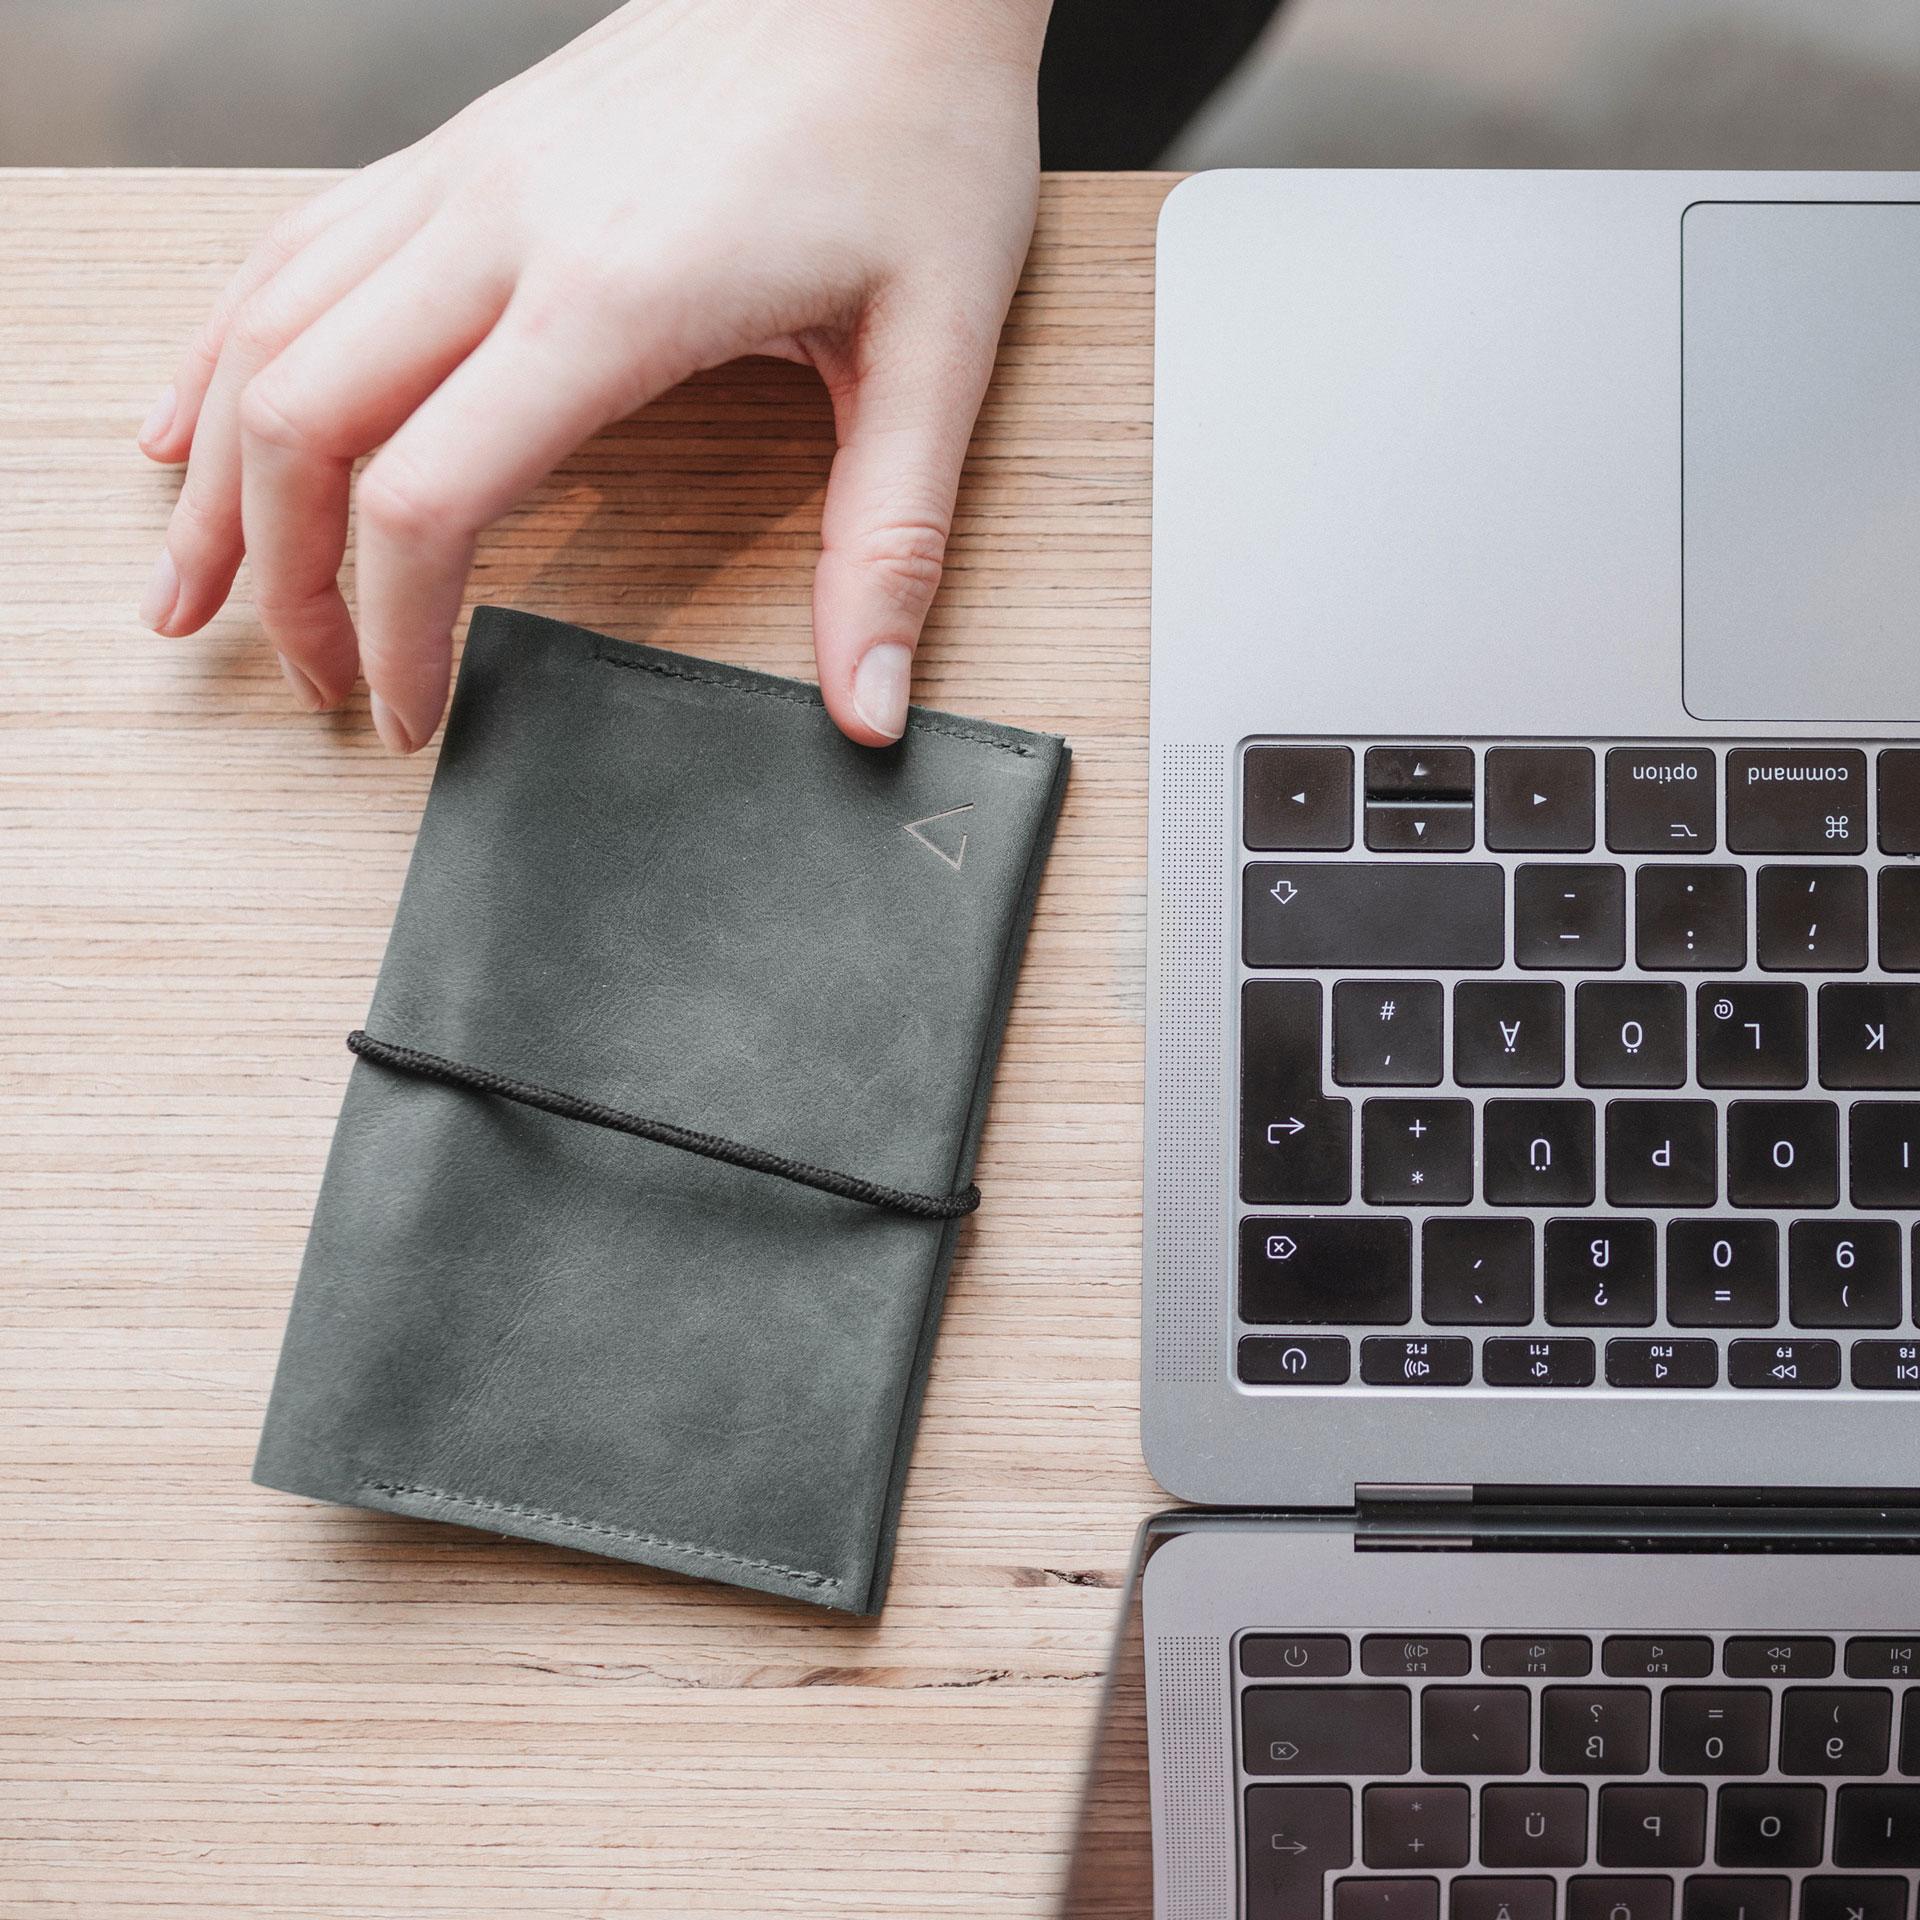 Portemonnaie OLI LARGE in Steingrau mit schwarzem Verschlussband neben Laptop